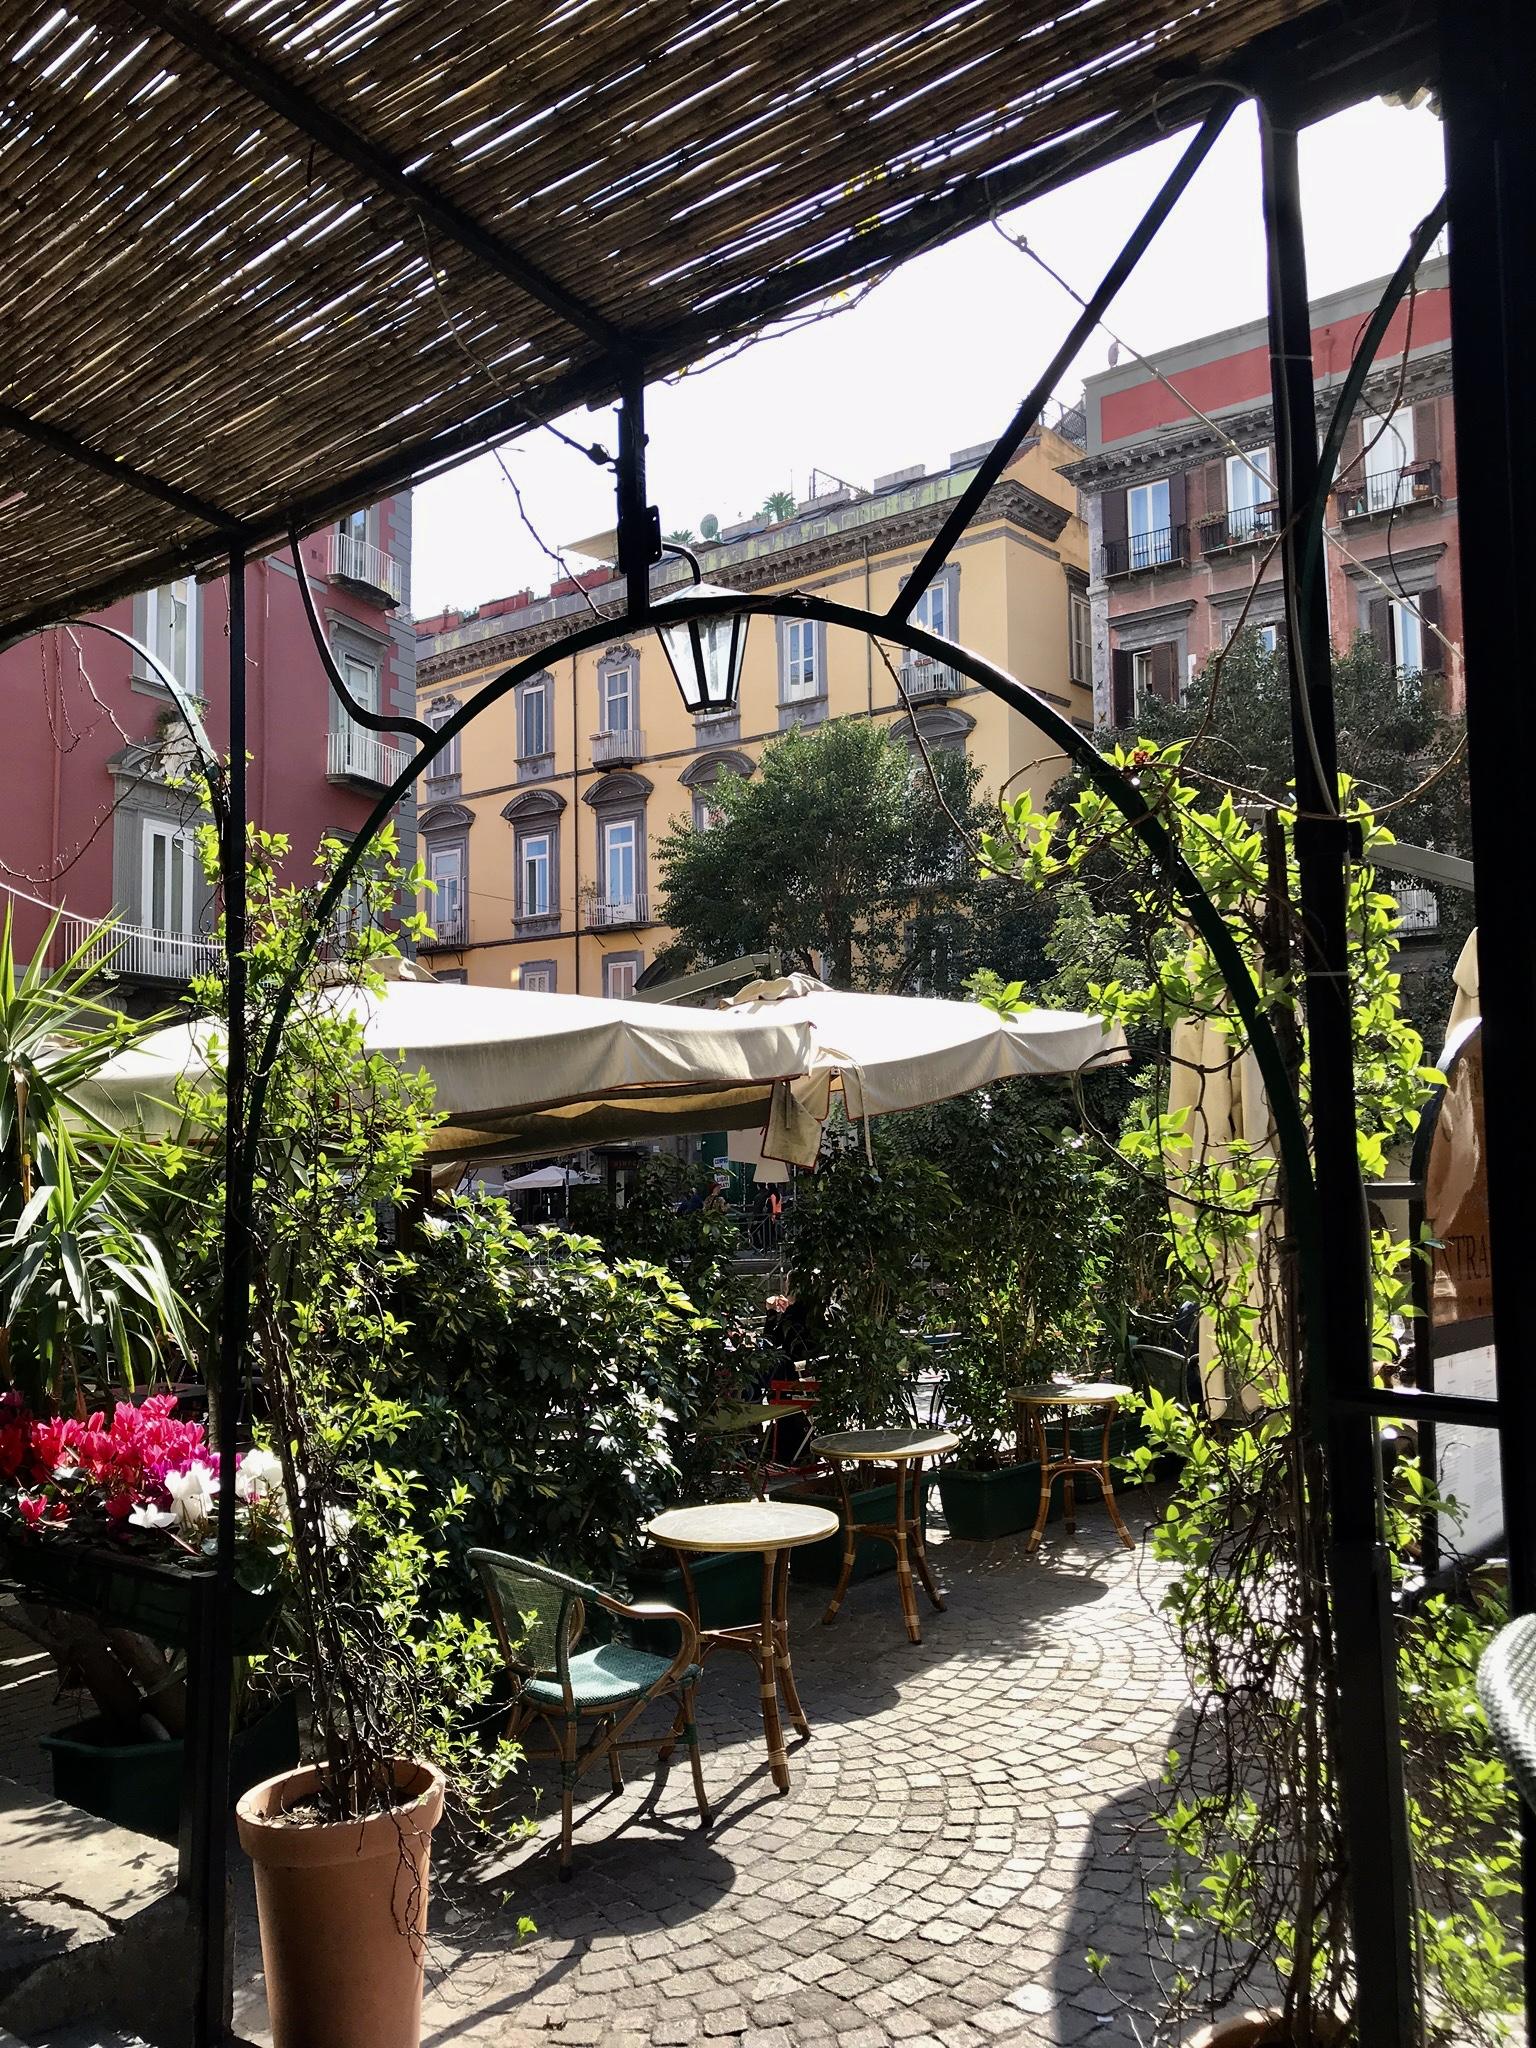 Fina caféer och restauranger med god mat och mysig miljö.